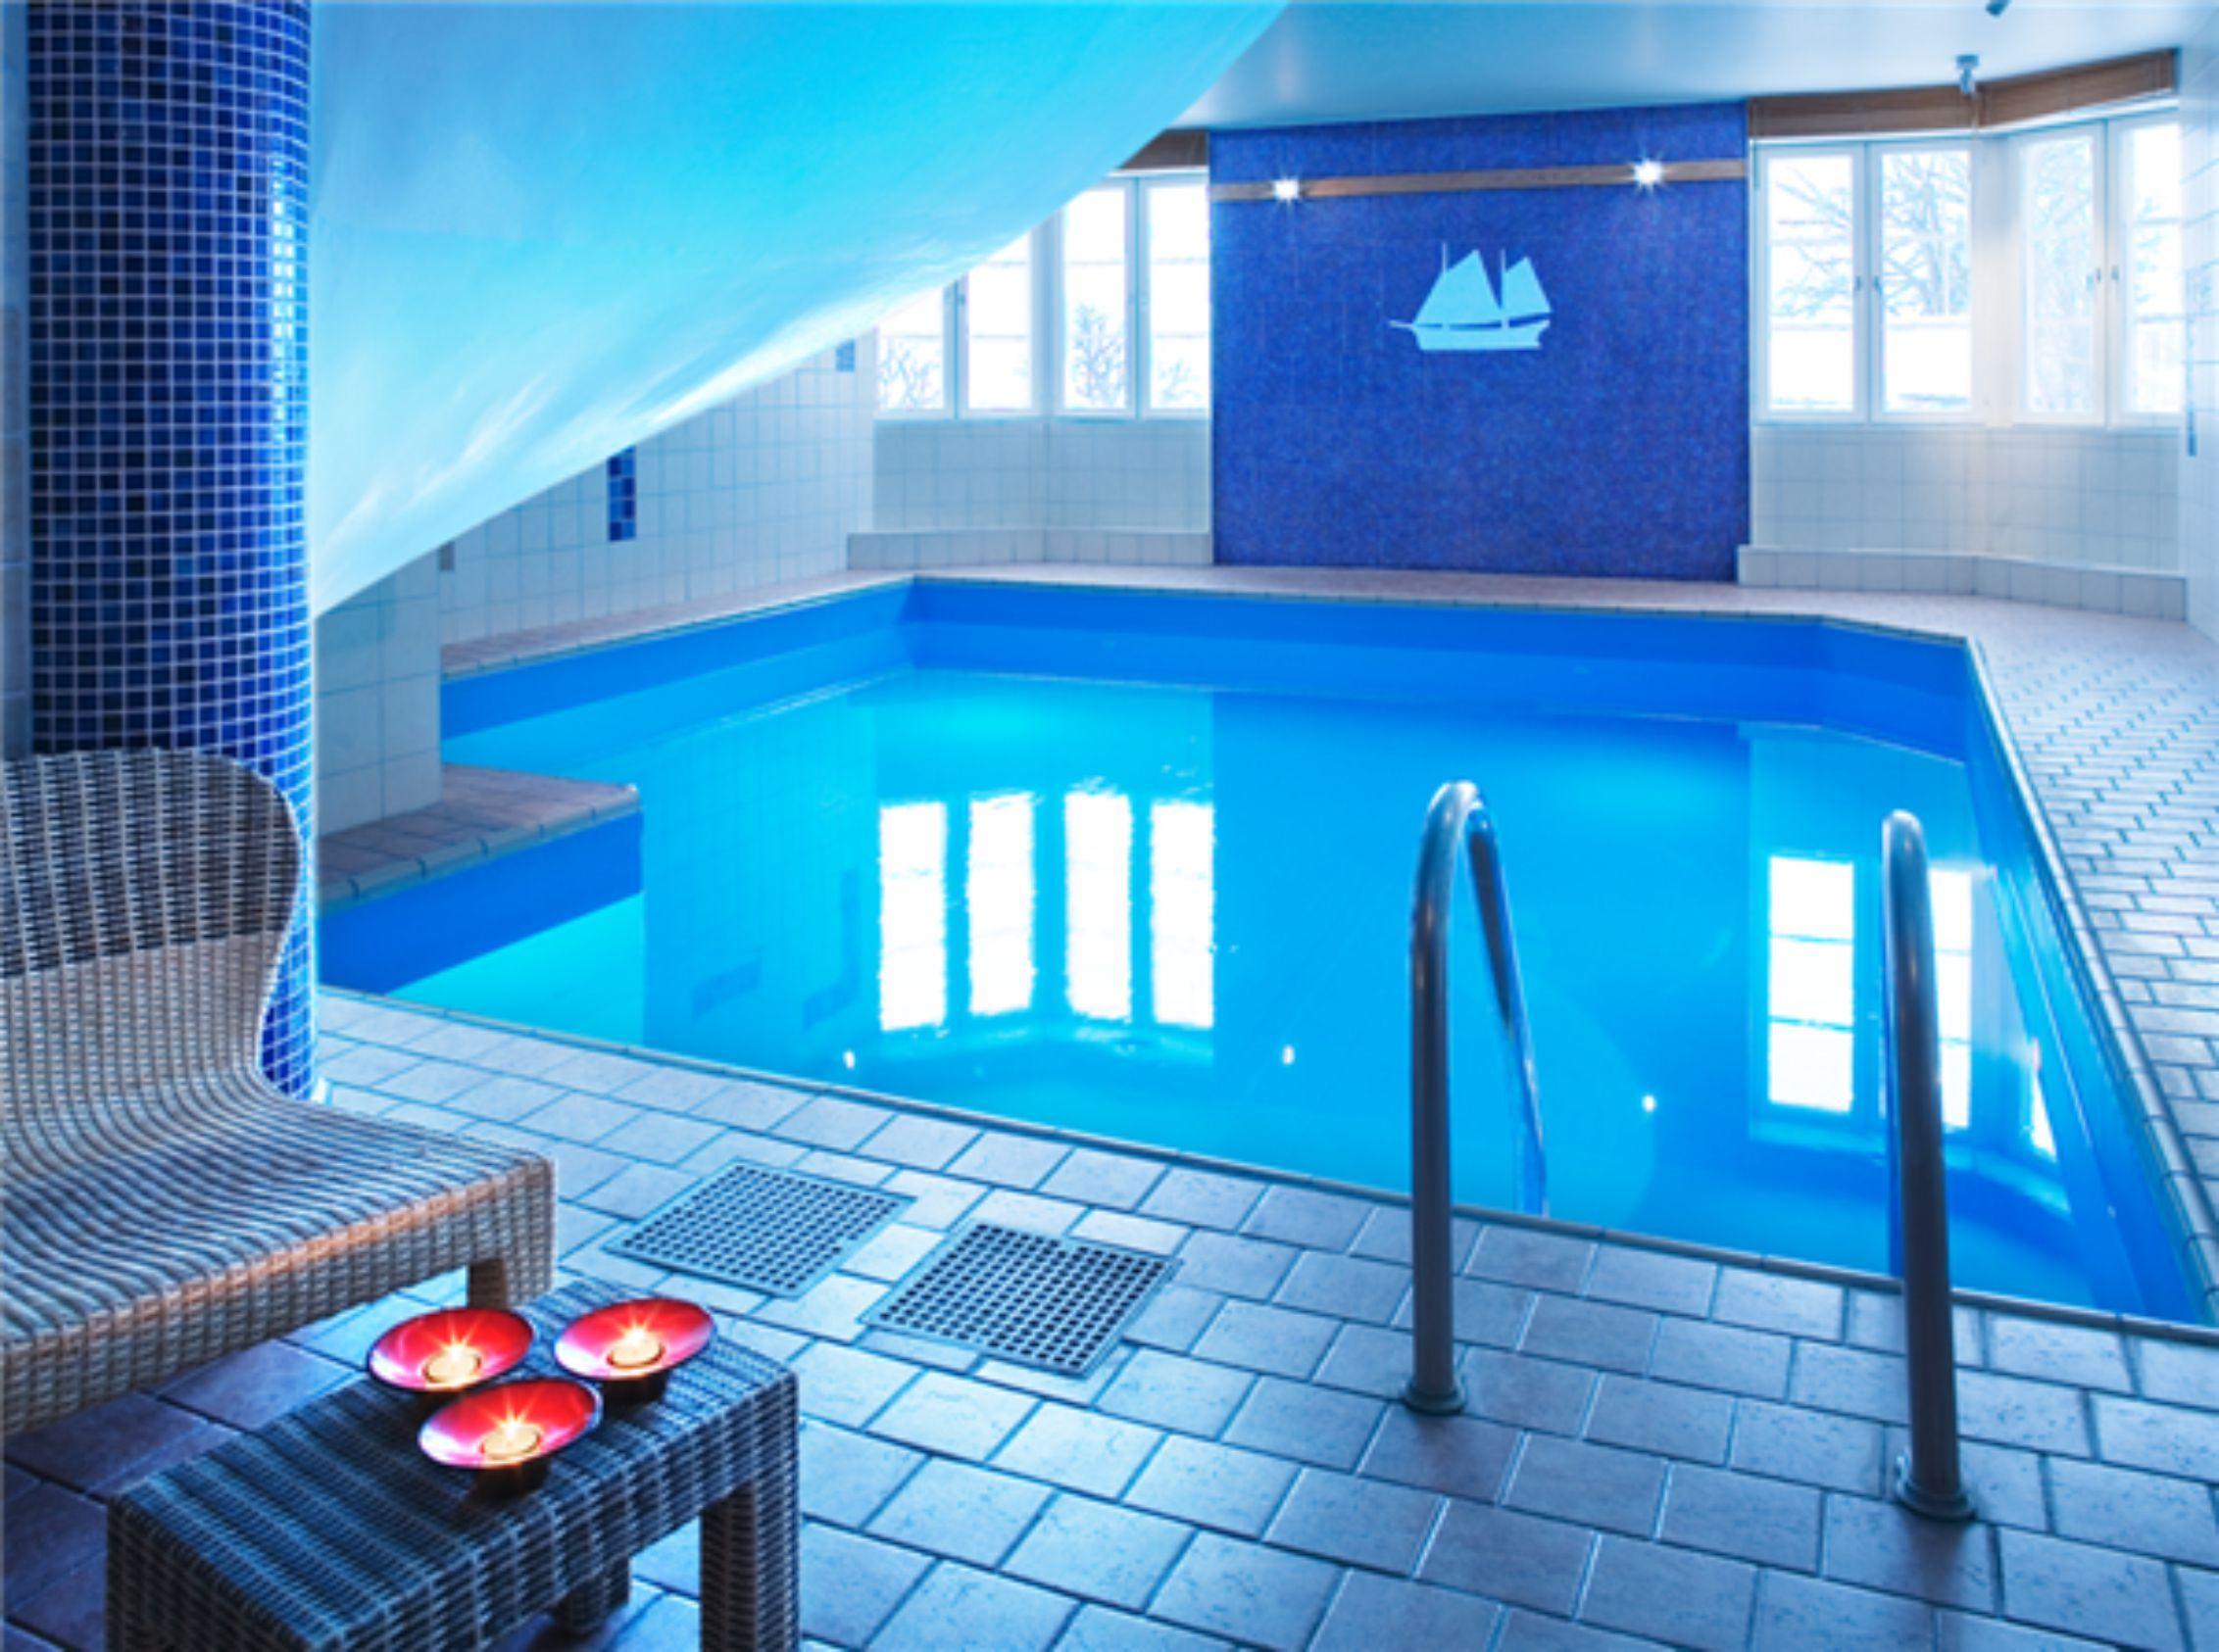 Välkommen till oss på Quality Hotel Statt i Glada Hudik